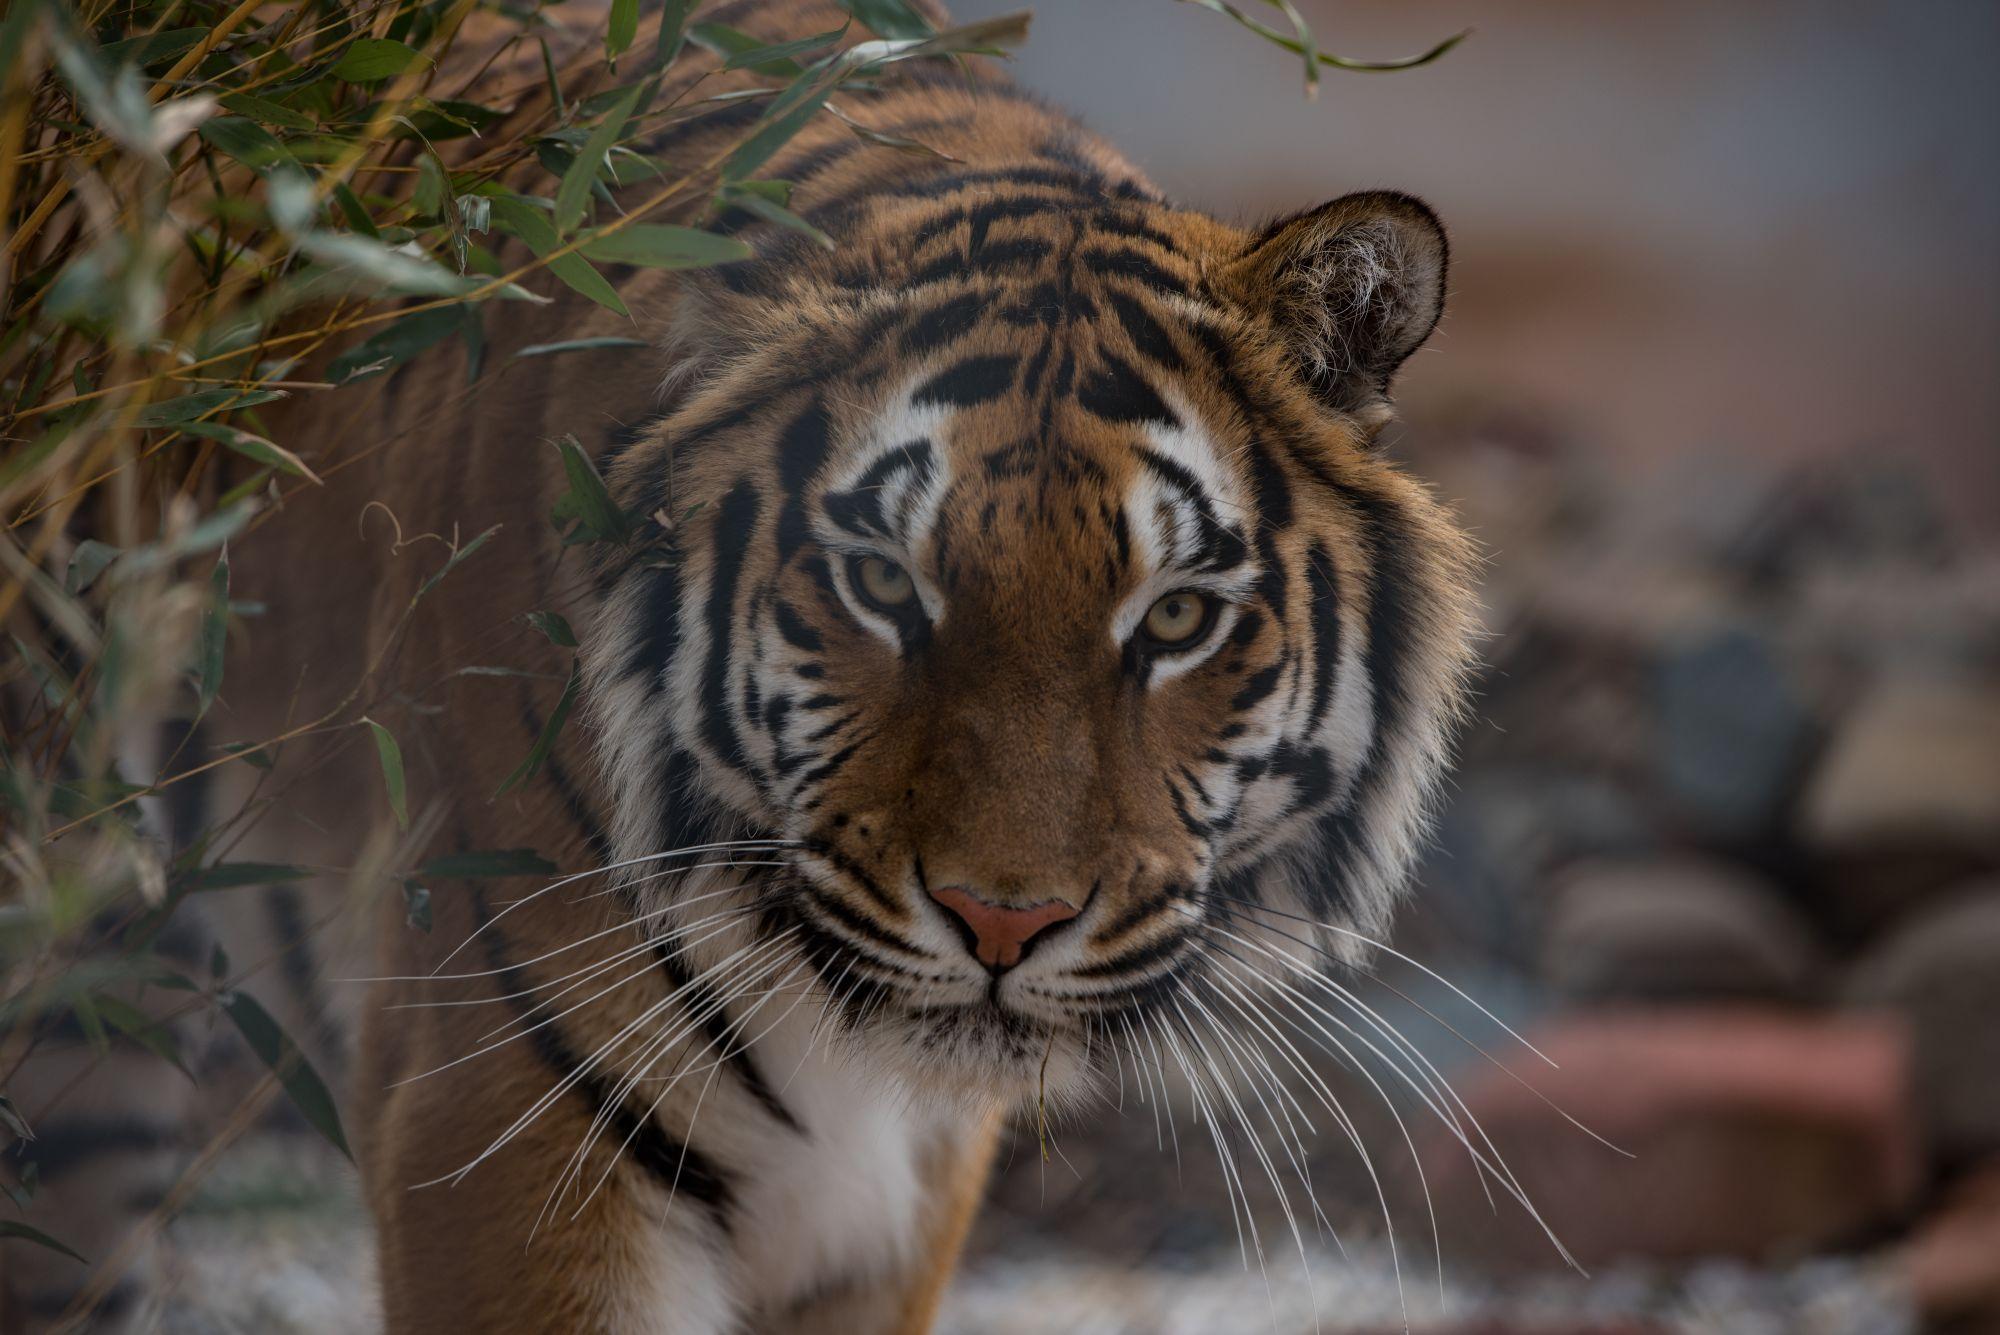 Tigerdame Cara in der TIERART Wildtierstation 2018